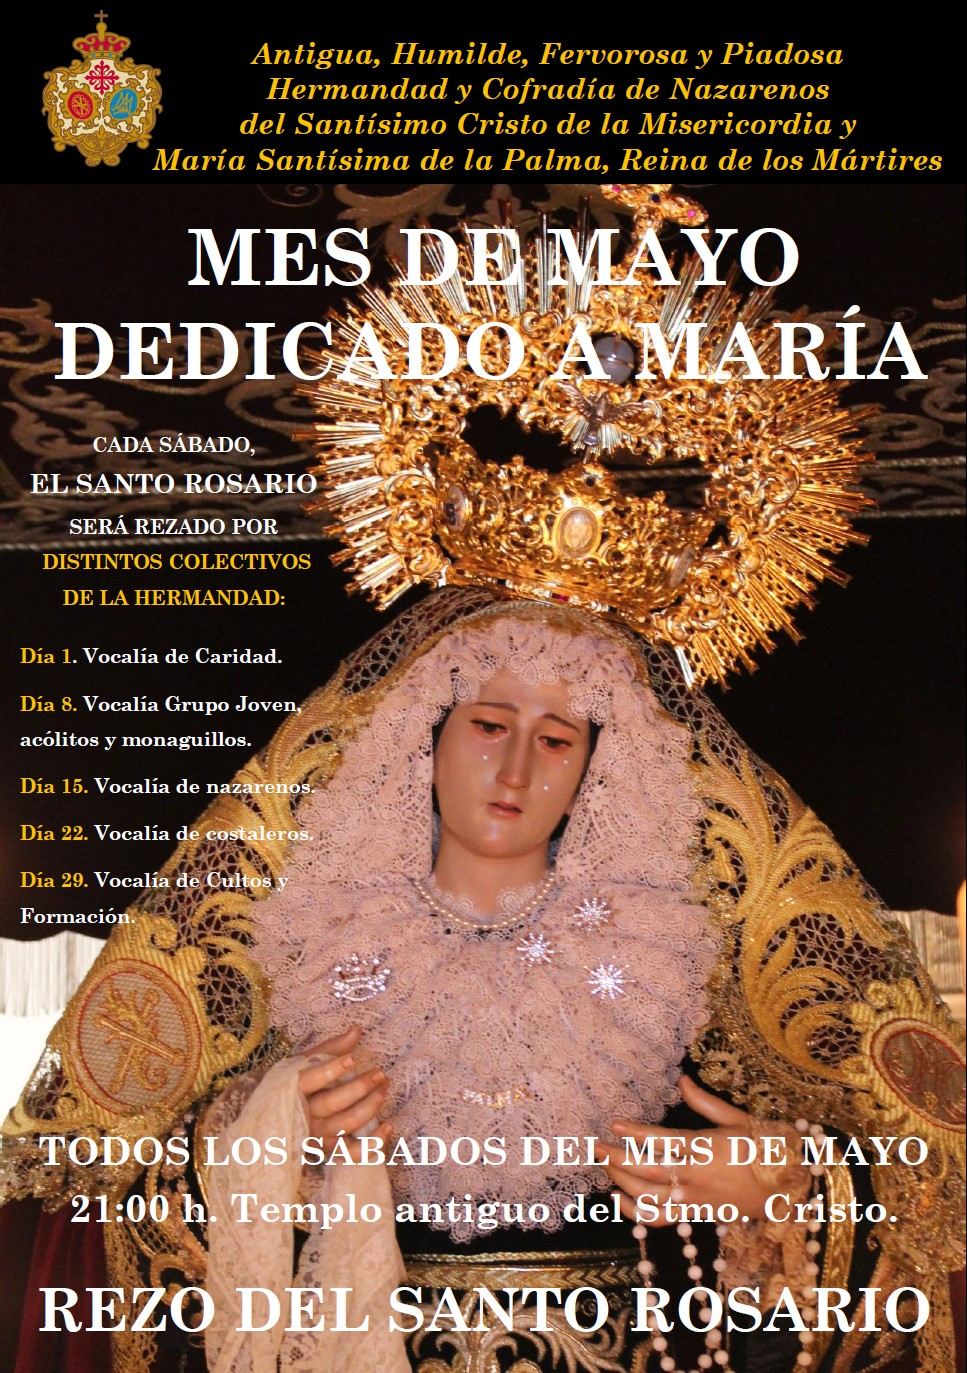 Mes de mayo, dedicado a la Virgen María. Rezo del Rosario todos los sábados del mes.